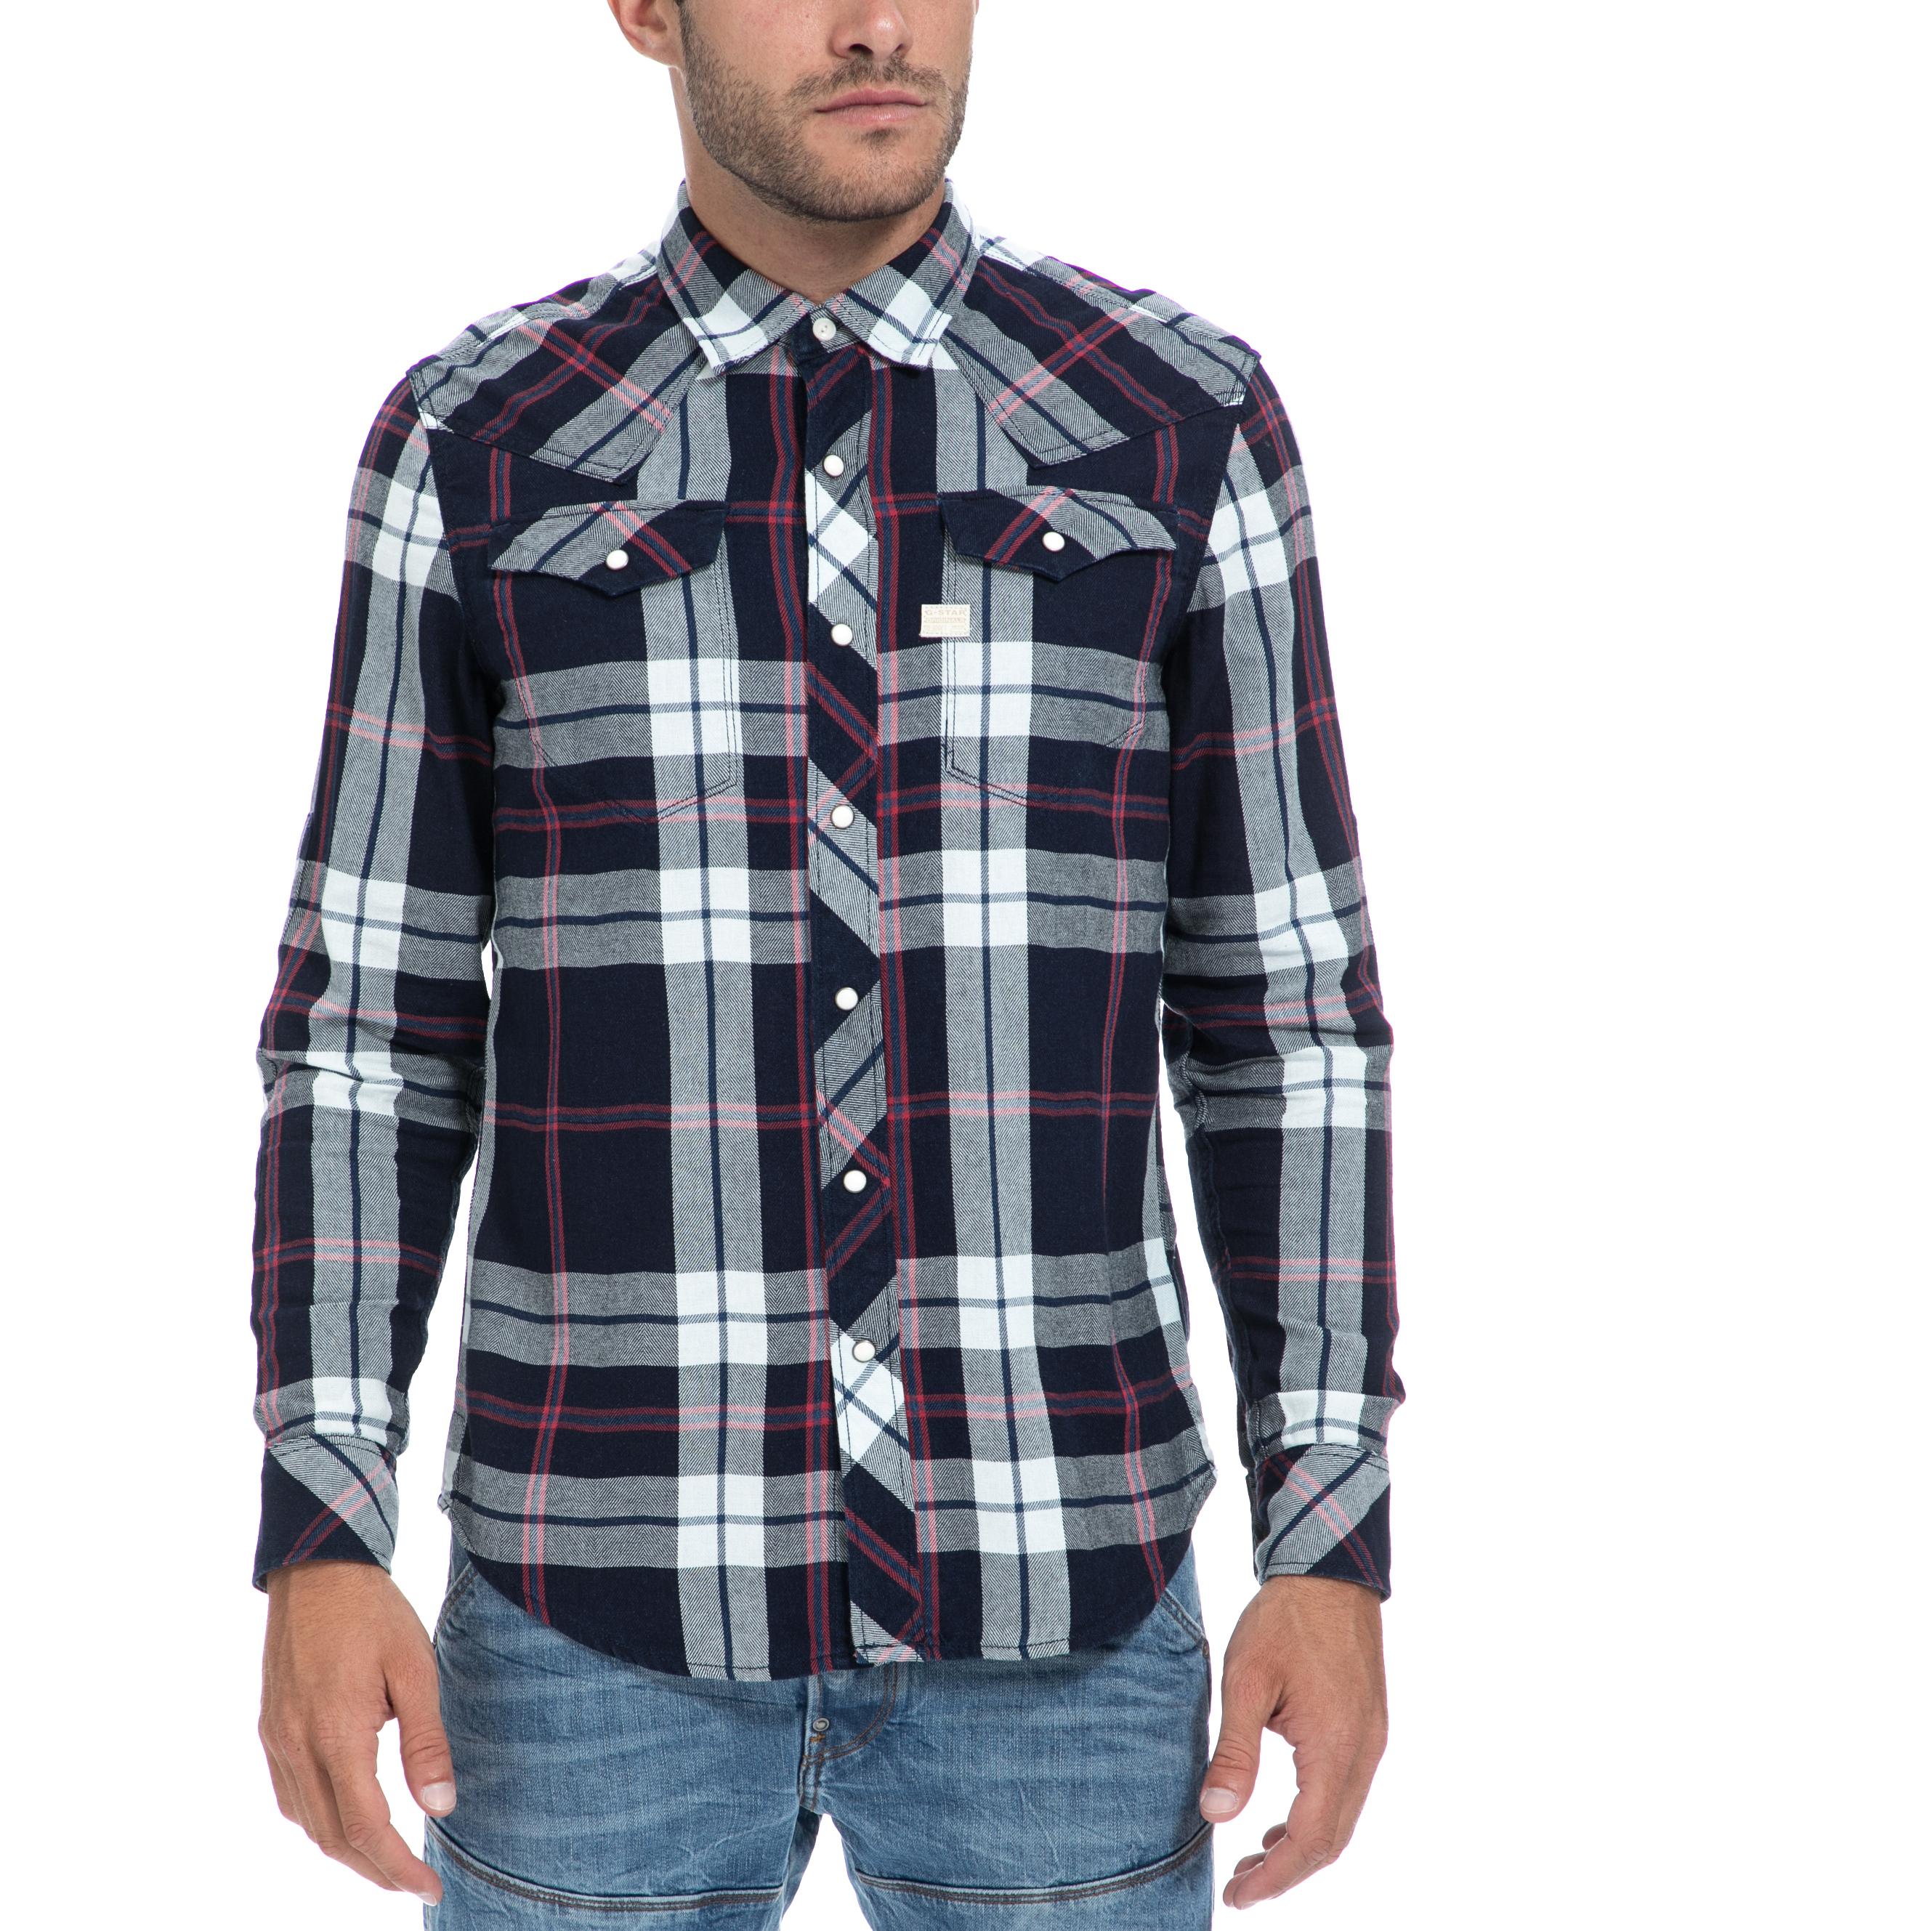 G-STAR RAW – Αντρικό πουκάμισο G-STAR RAW καρό